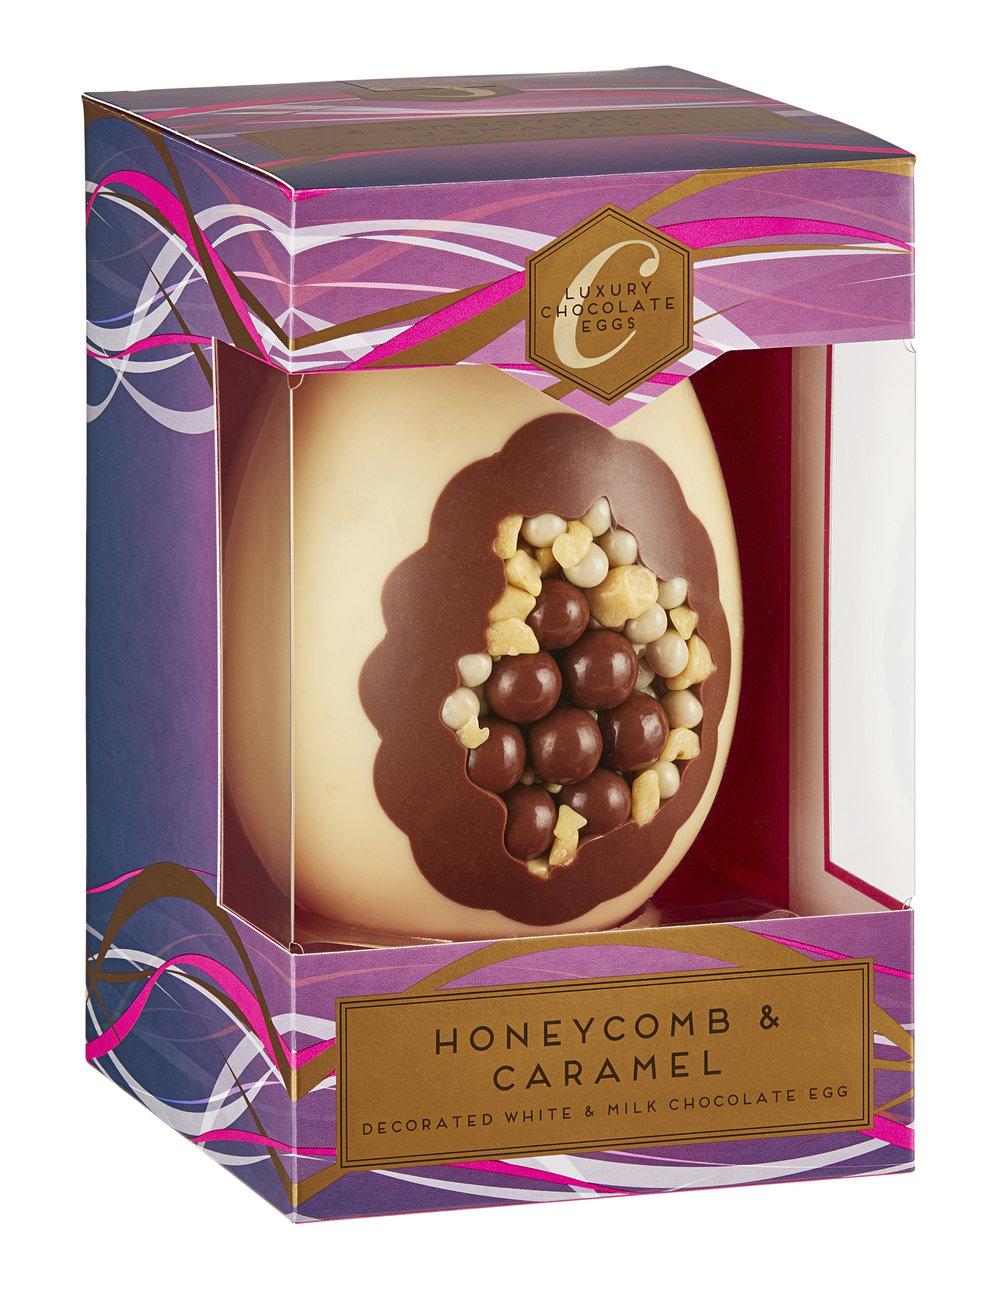 iceland-honeycomb-caramel-egg